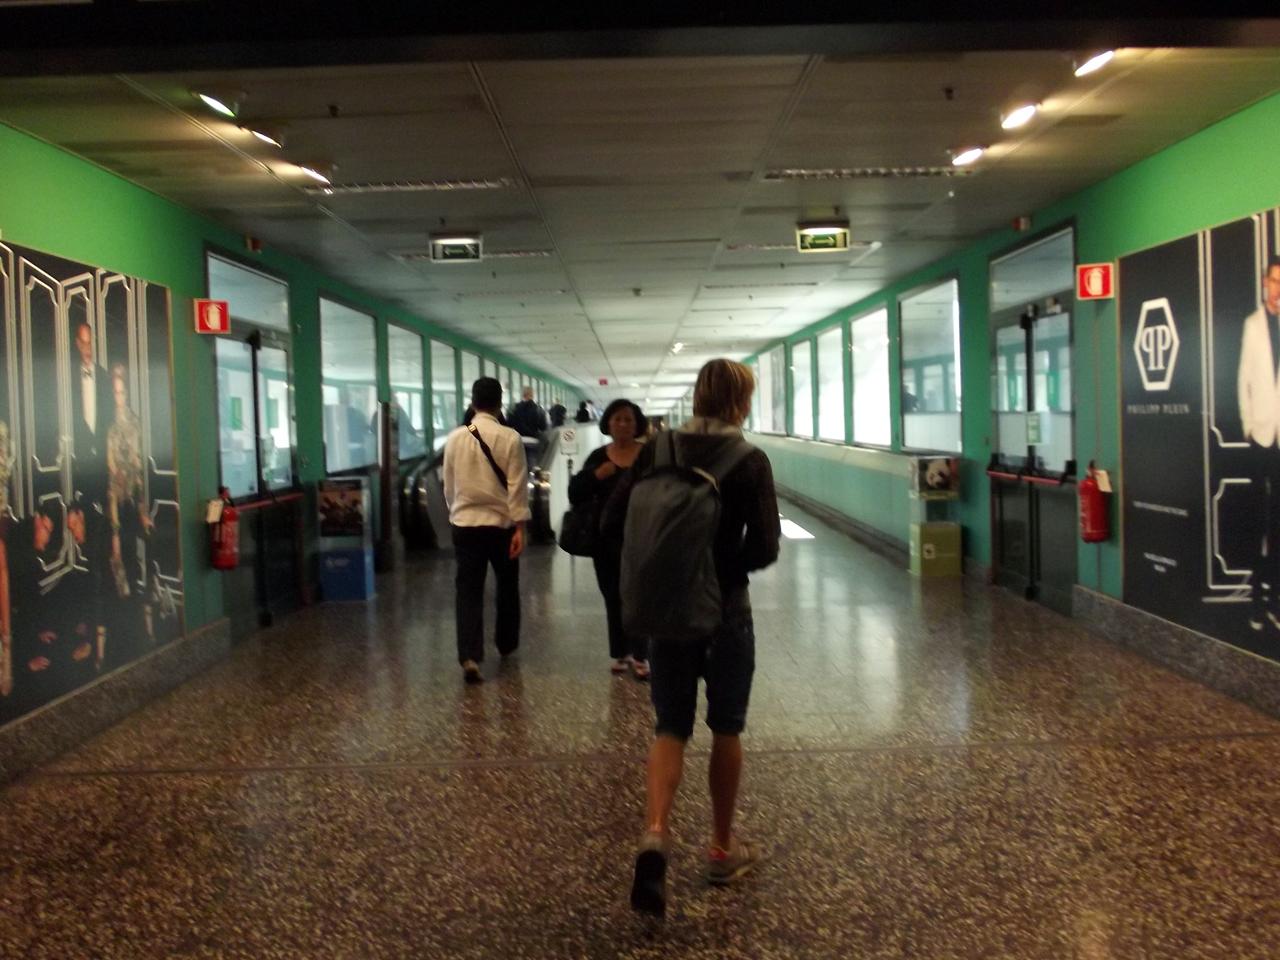 Аэропорт Милан Мальпенса